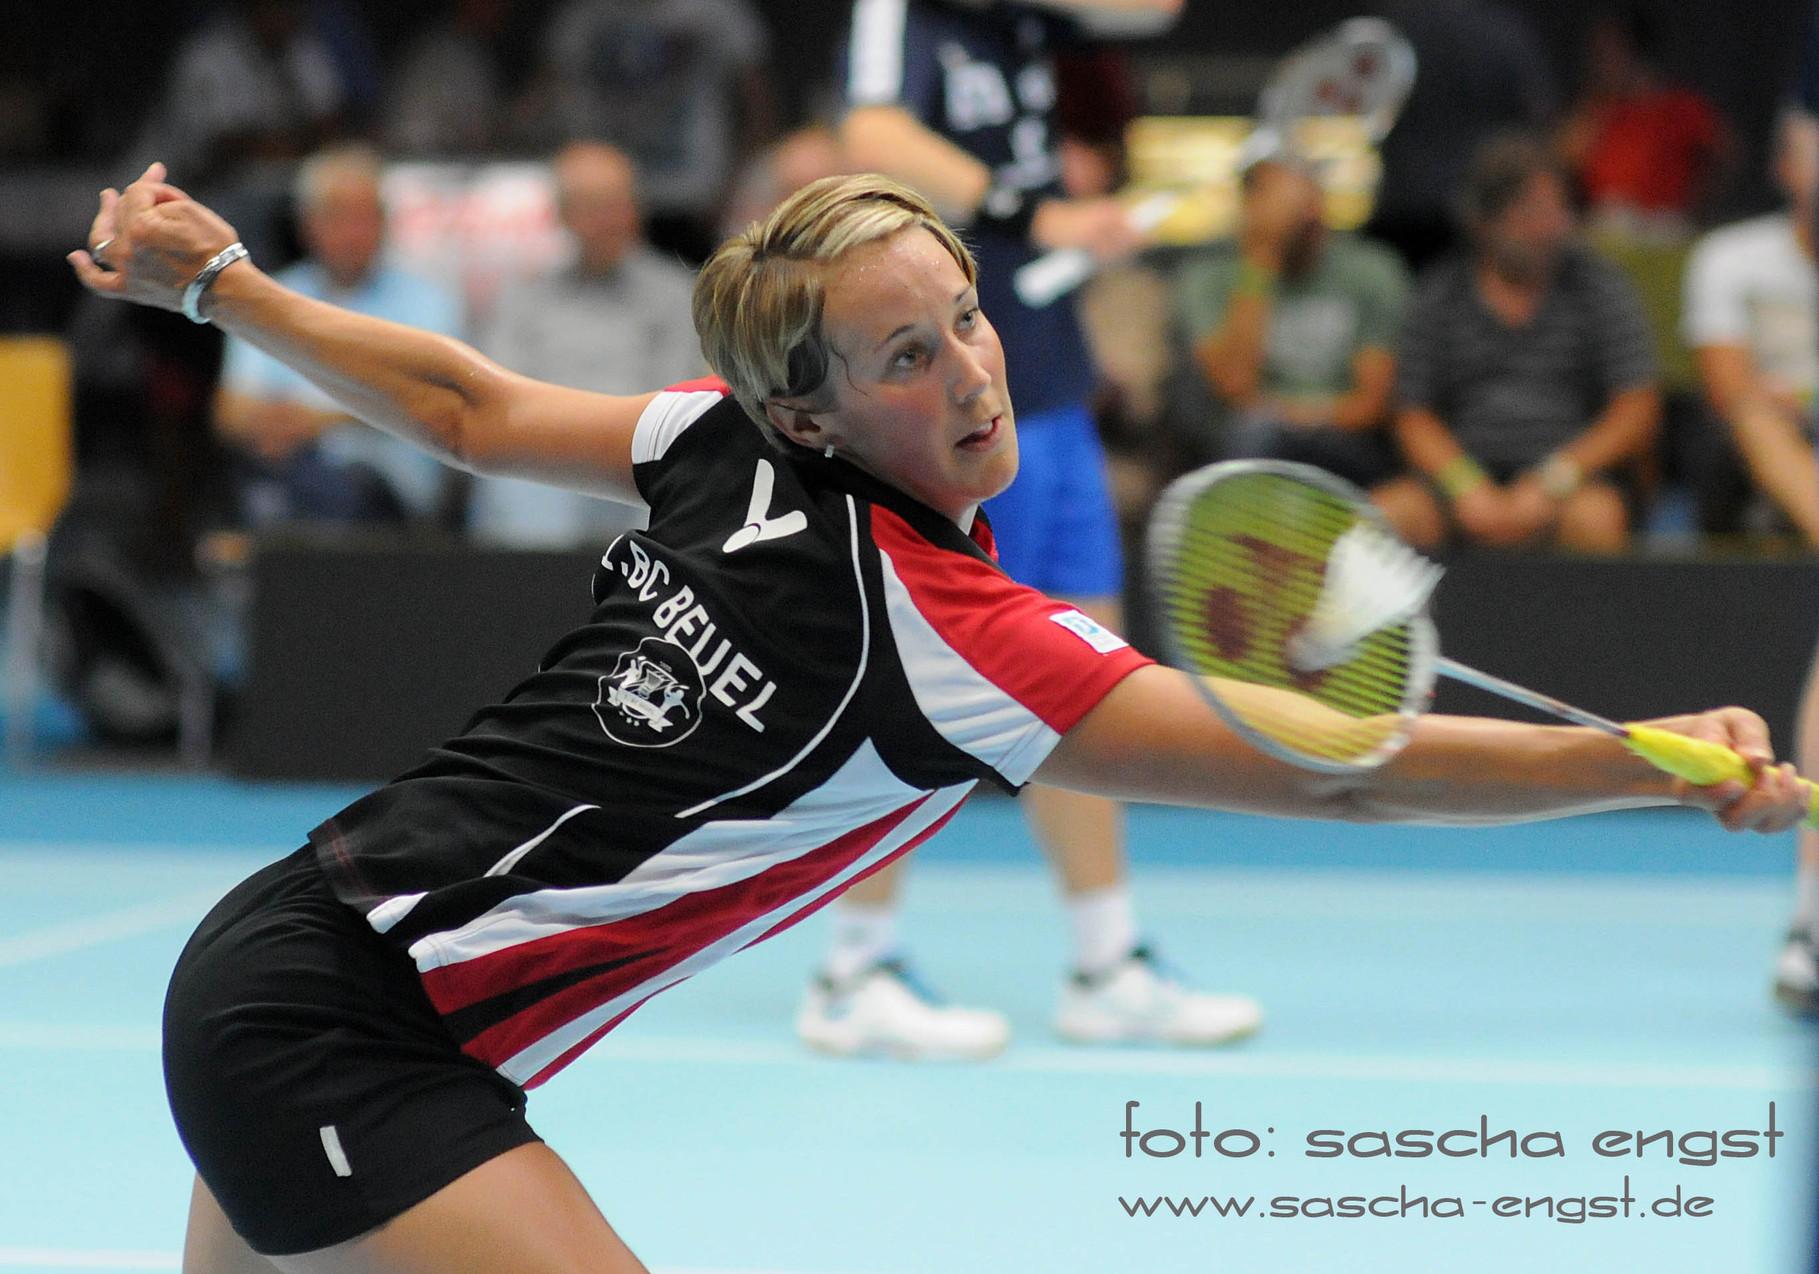 Birgit Michels 1.BC Beuel 2014 Badminton Bundesliga